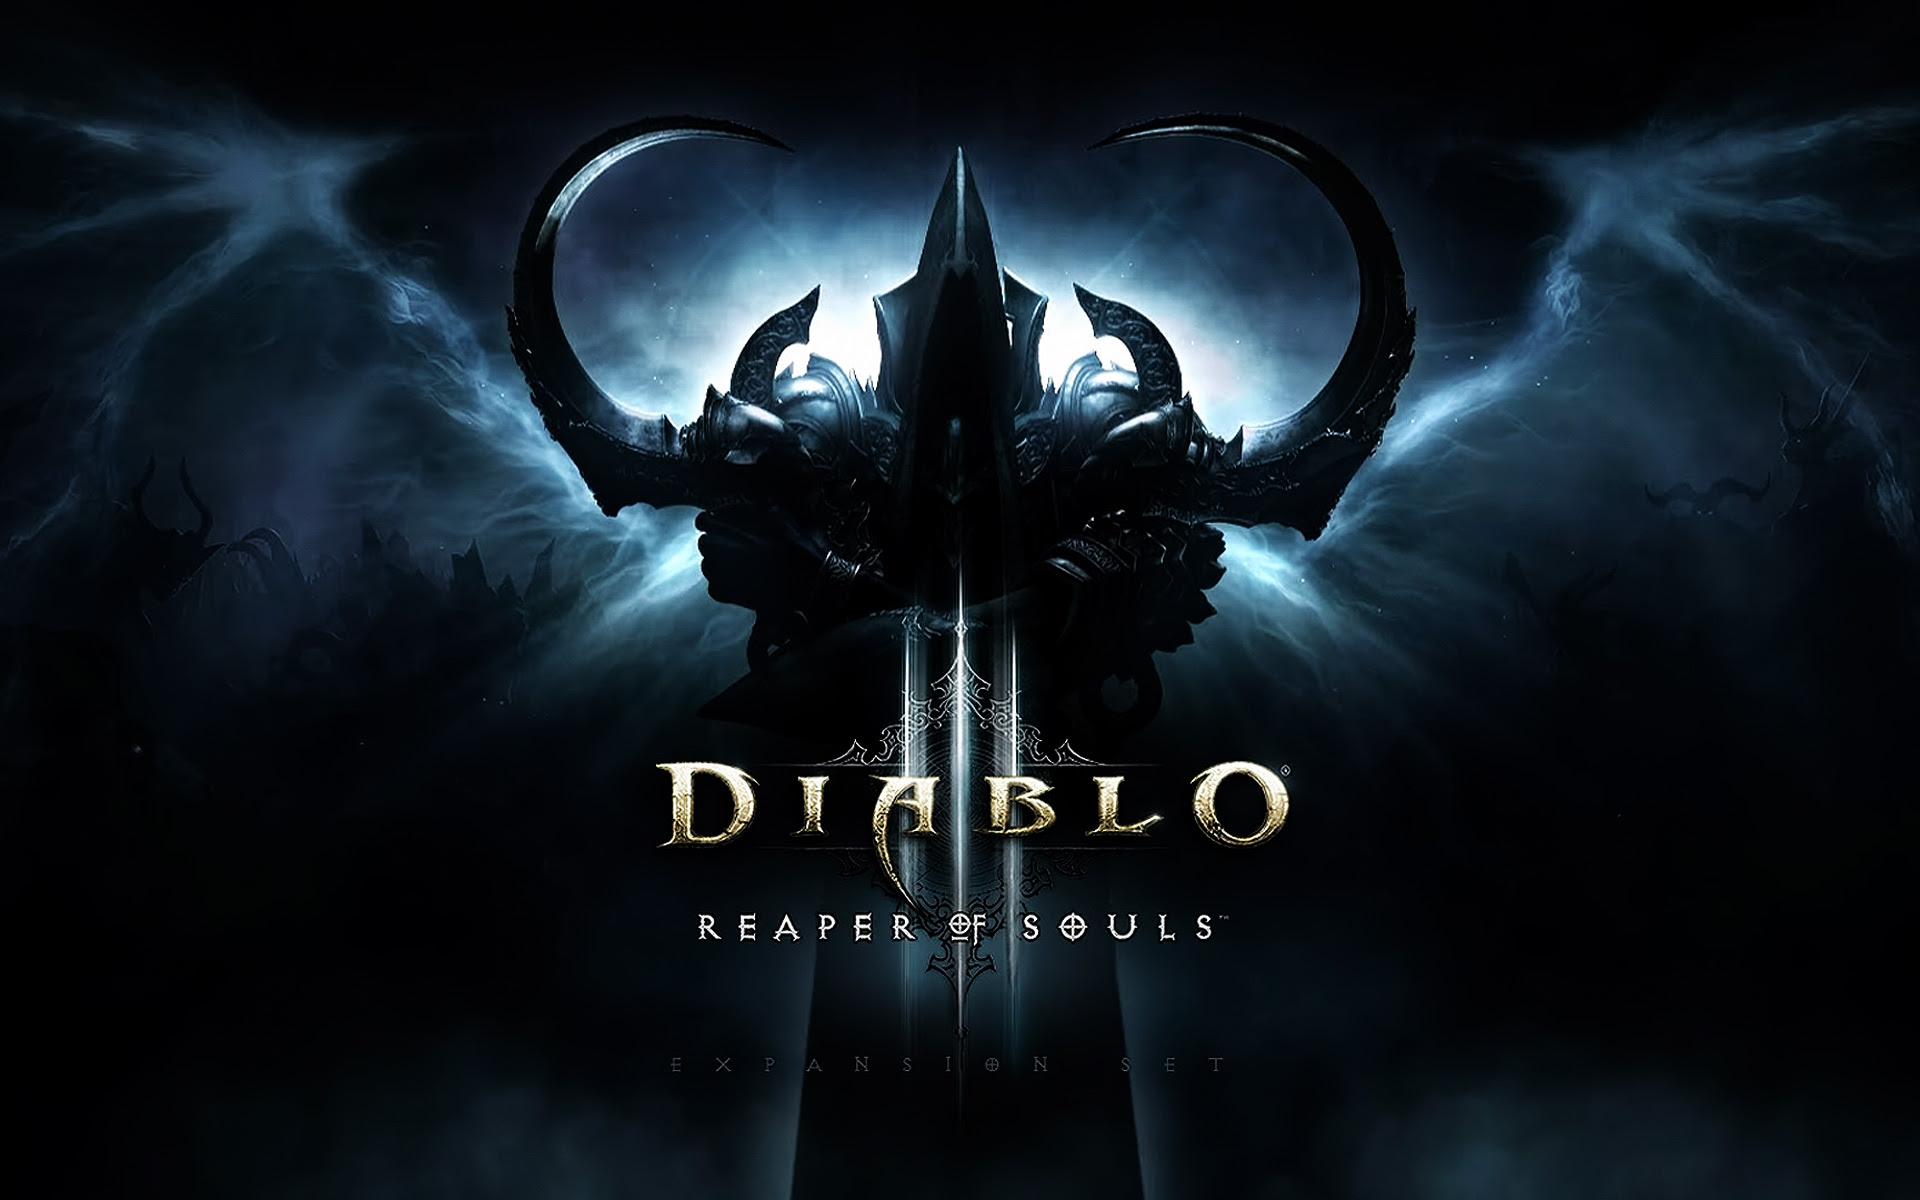 Diablo Reaper Of Souls Wallpaper 1920x1200 67412